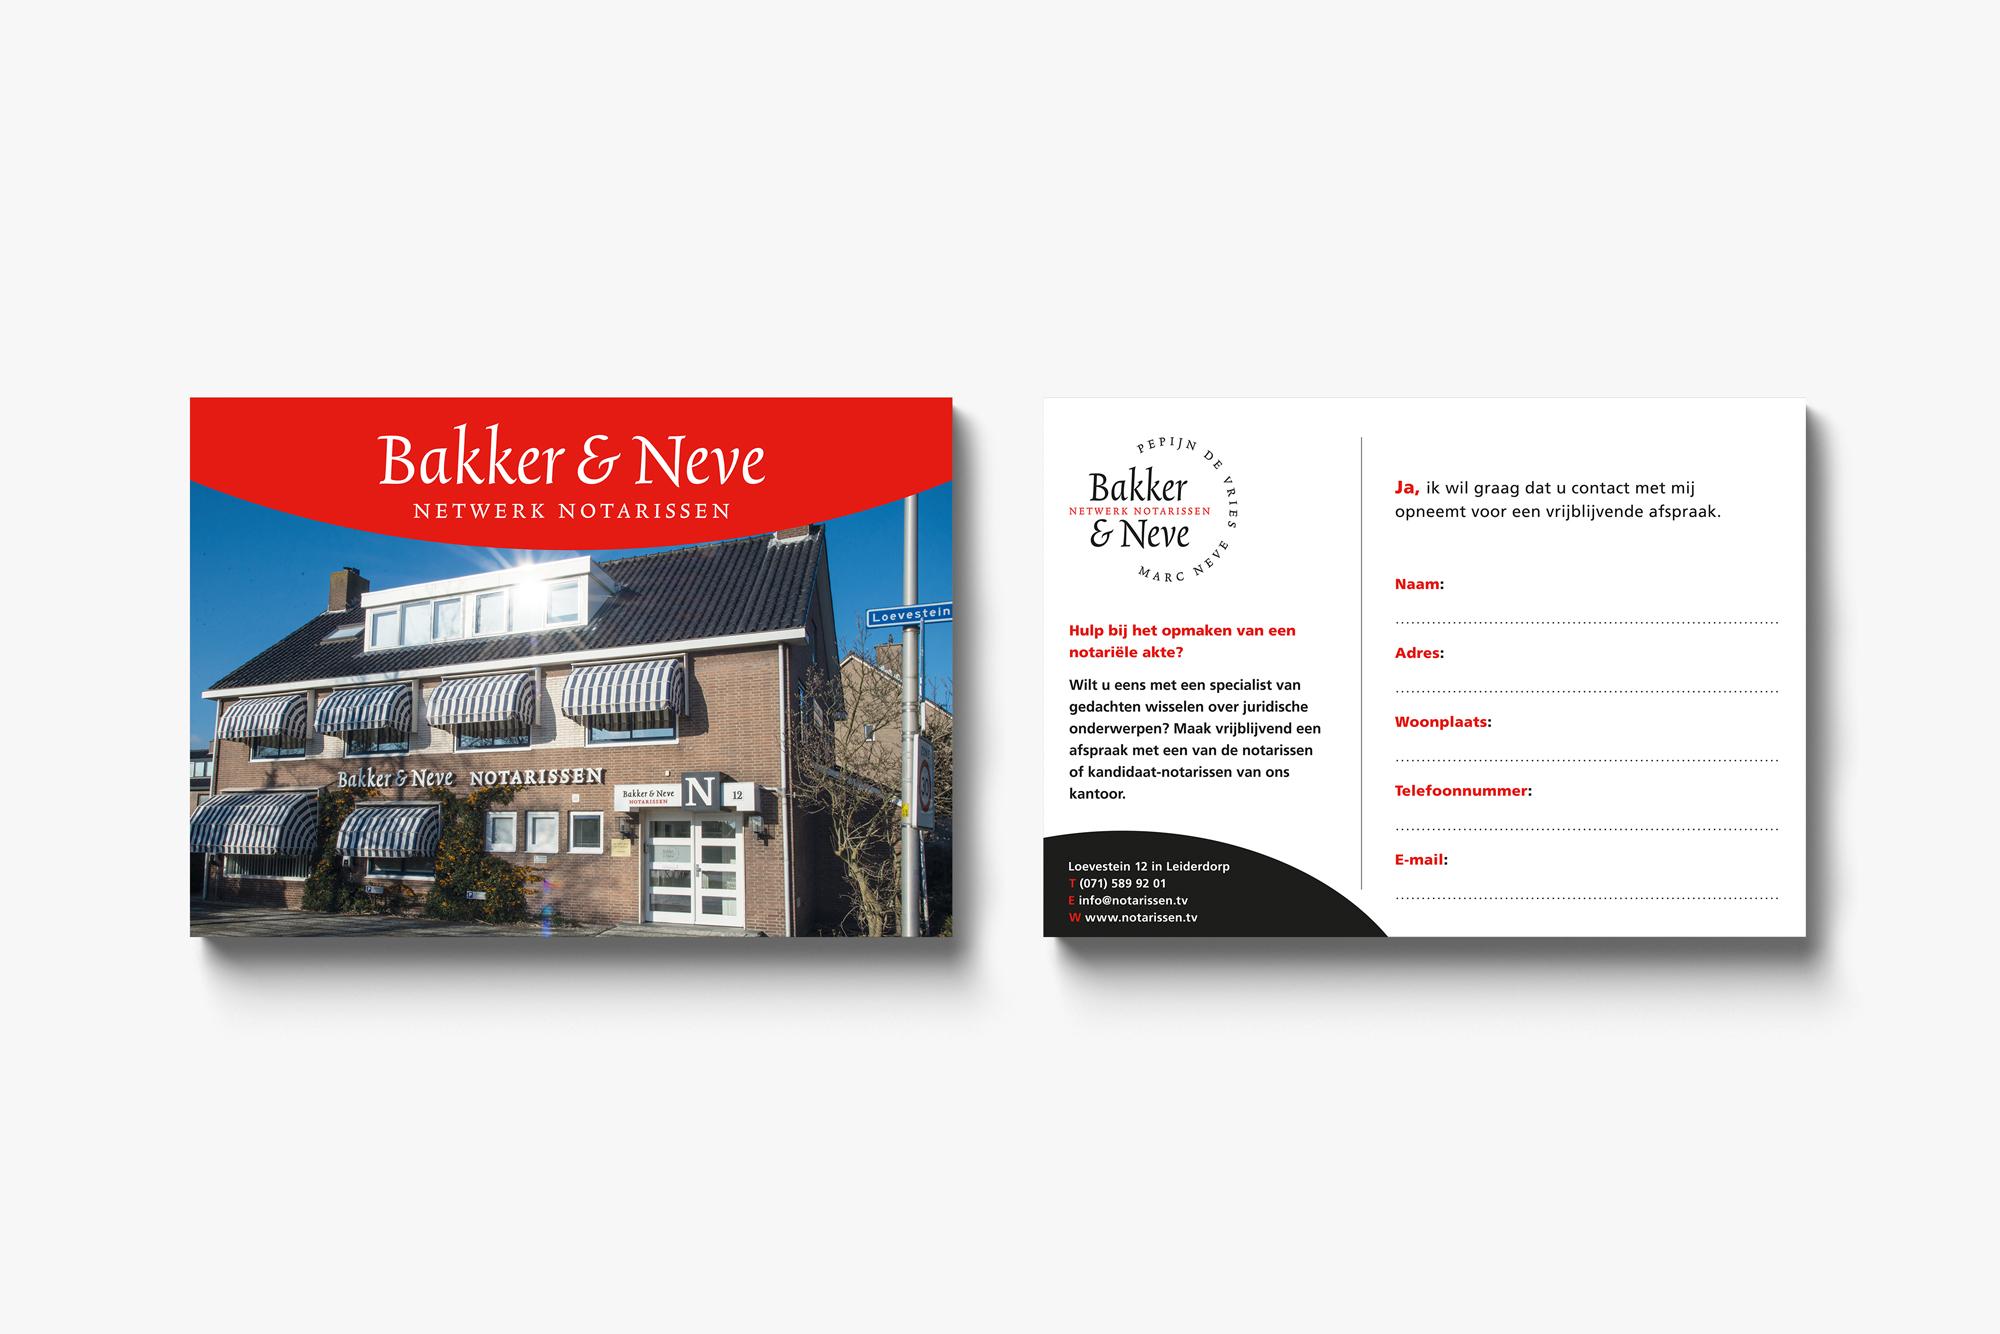 Bakker&Neve-notarissen_A6-antwoordkaart